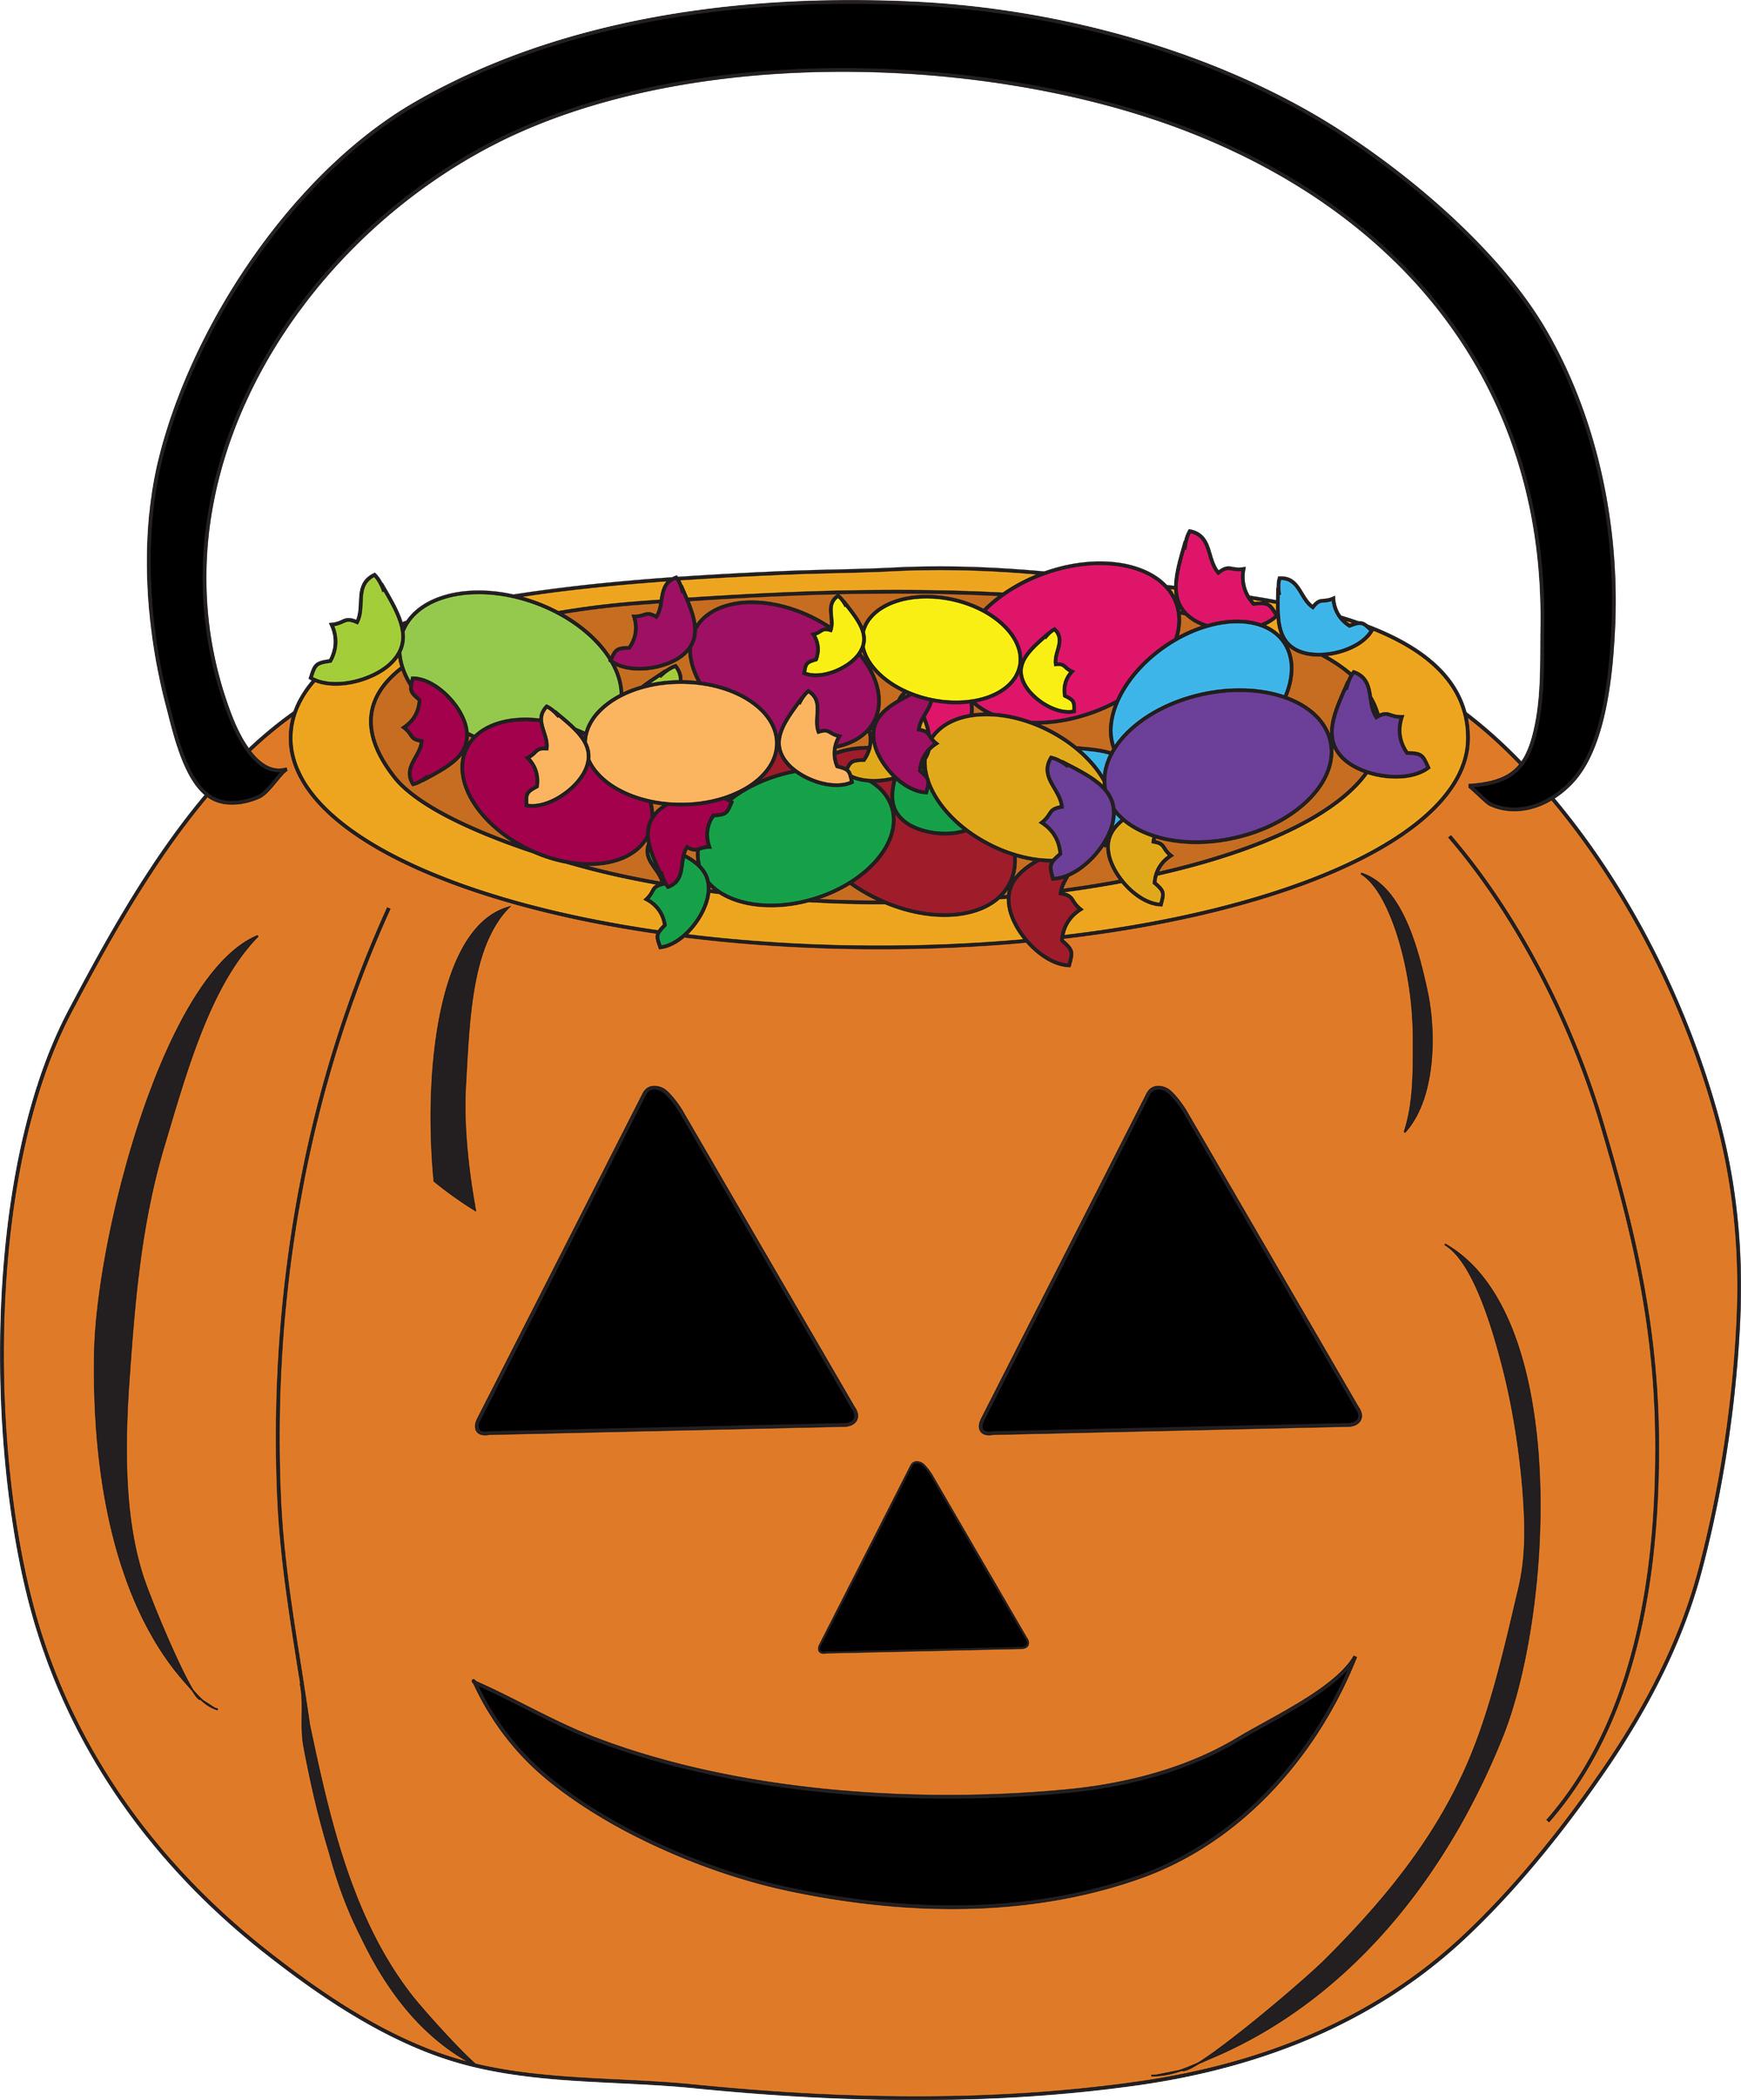 2000x2413 Halloween Candy Pumpkin Clipart